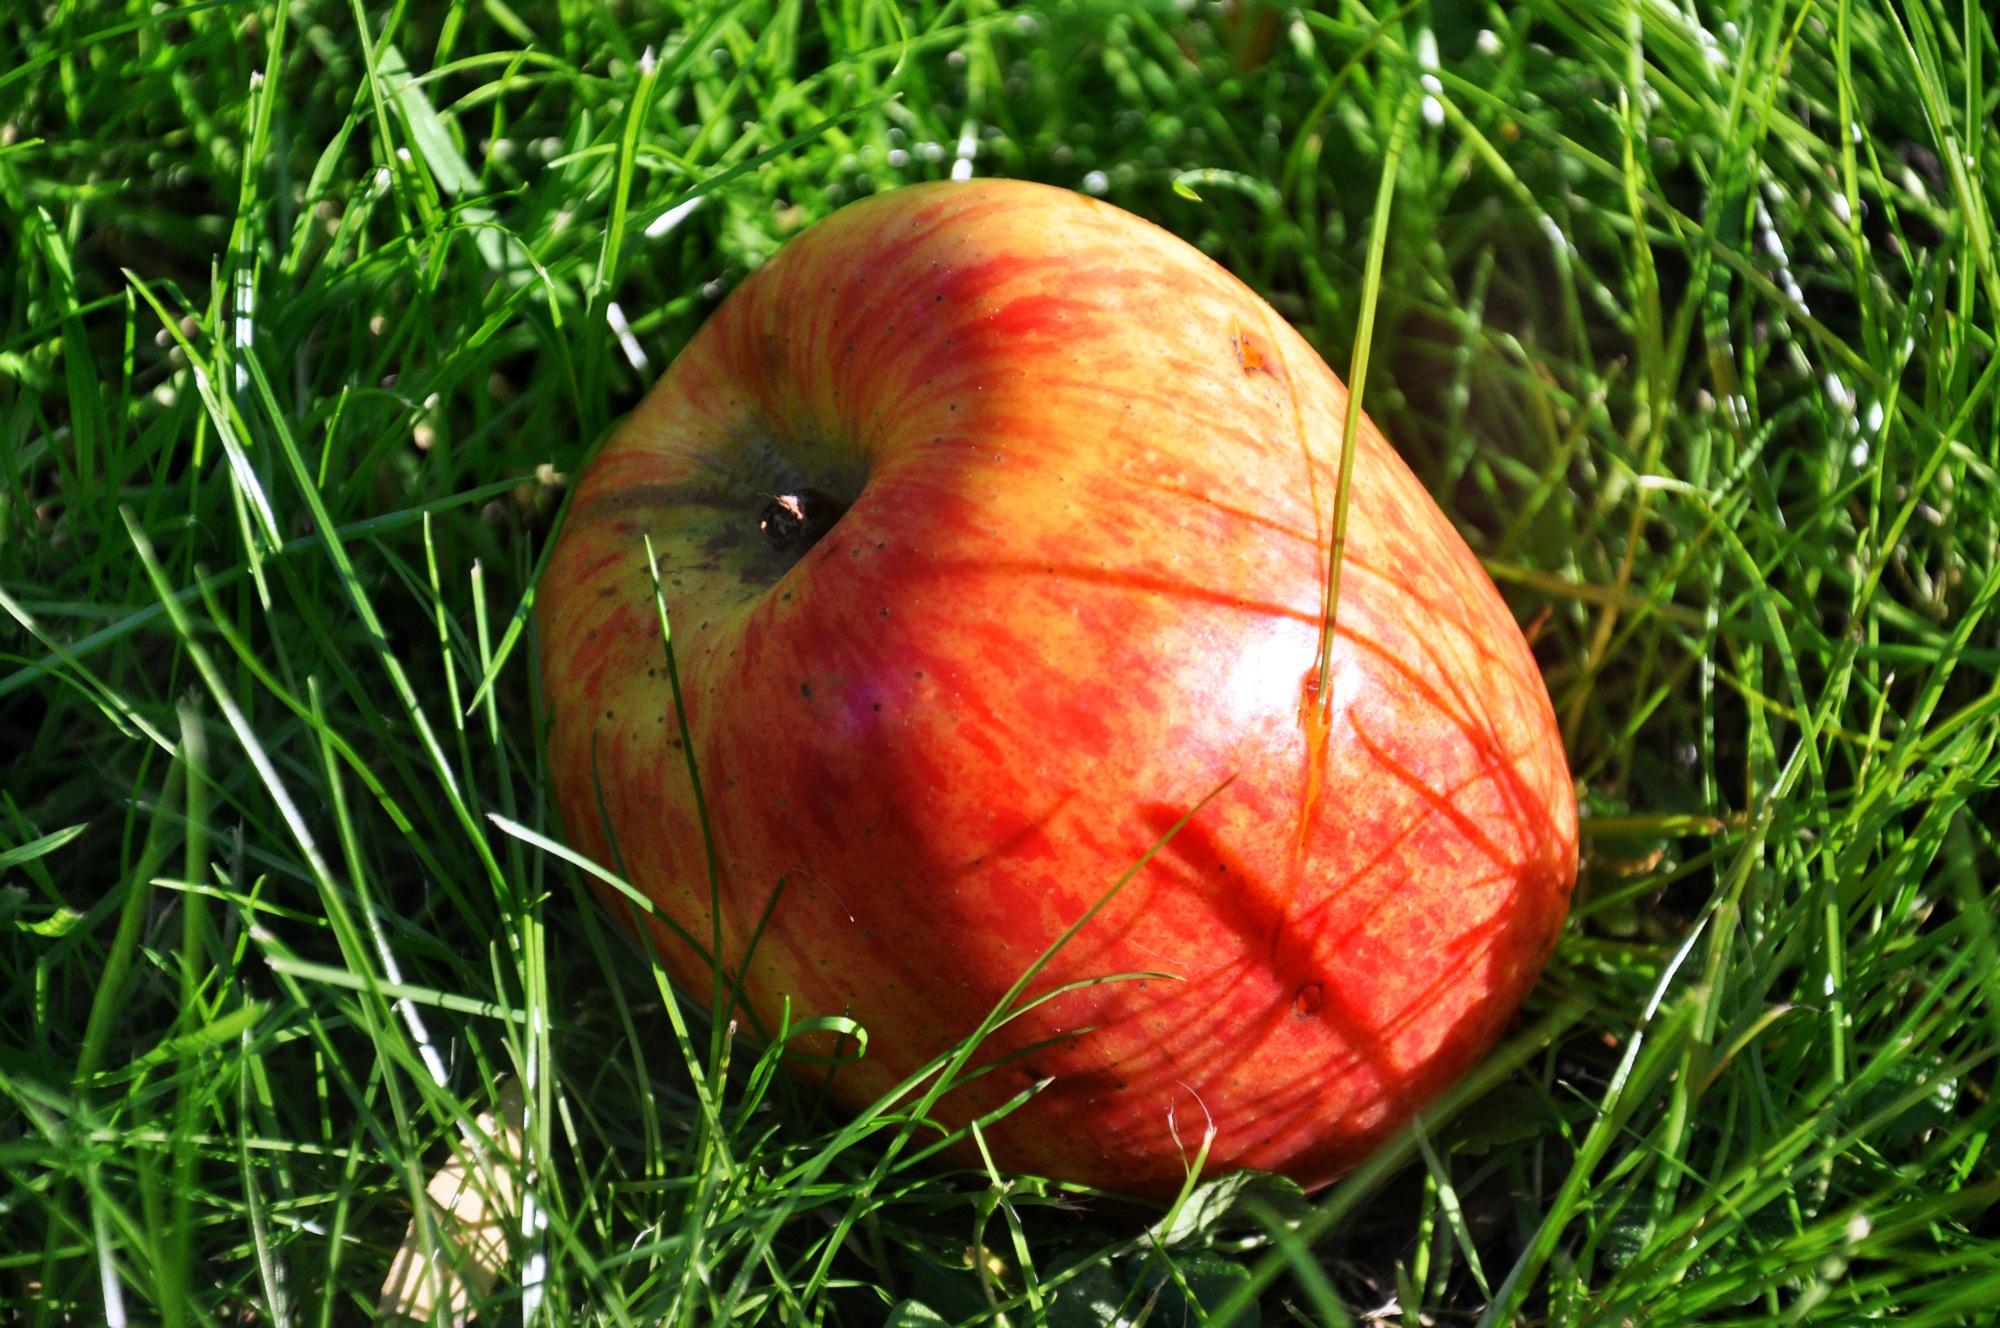 Gambar pohon alam rumput menanam daun bunga matang hijau menghasilkan musim gugur kuning Flora merapatkan apel merah buah segar t